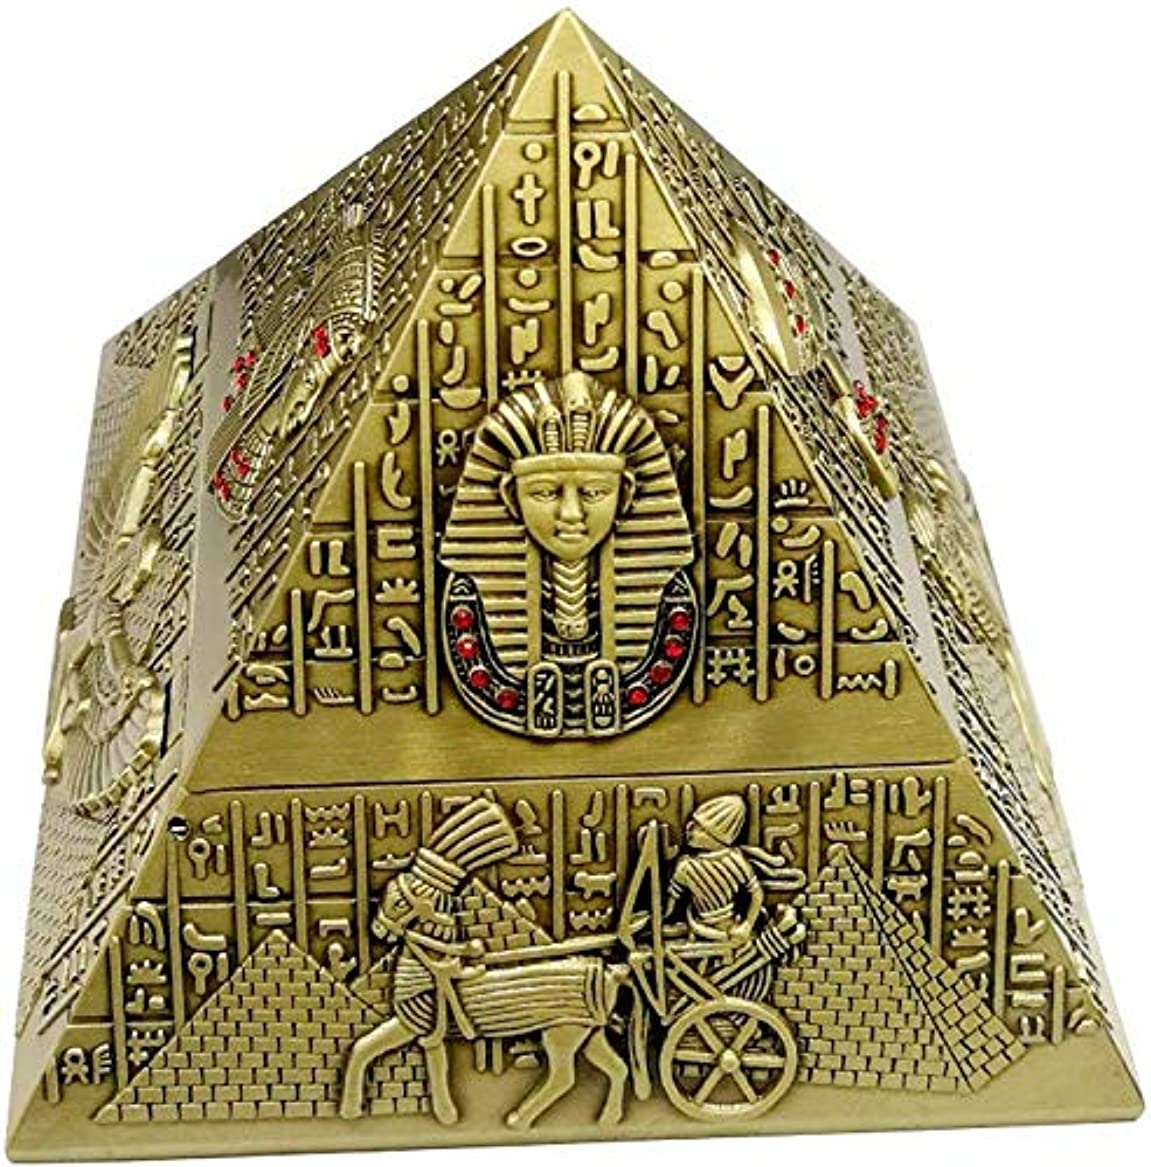 飛ぶ導入するサーマルアッシュトレイ男性、エジプトのピラミッドのための屋内屋外での使用のための蓋でエジプトのタバコの灰皿、喫煙ギフト用アッシュホルダー)